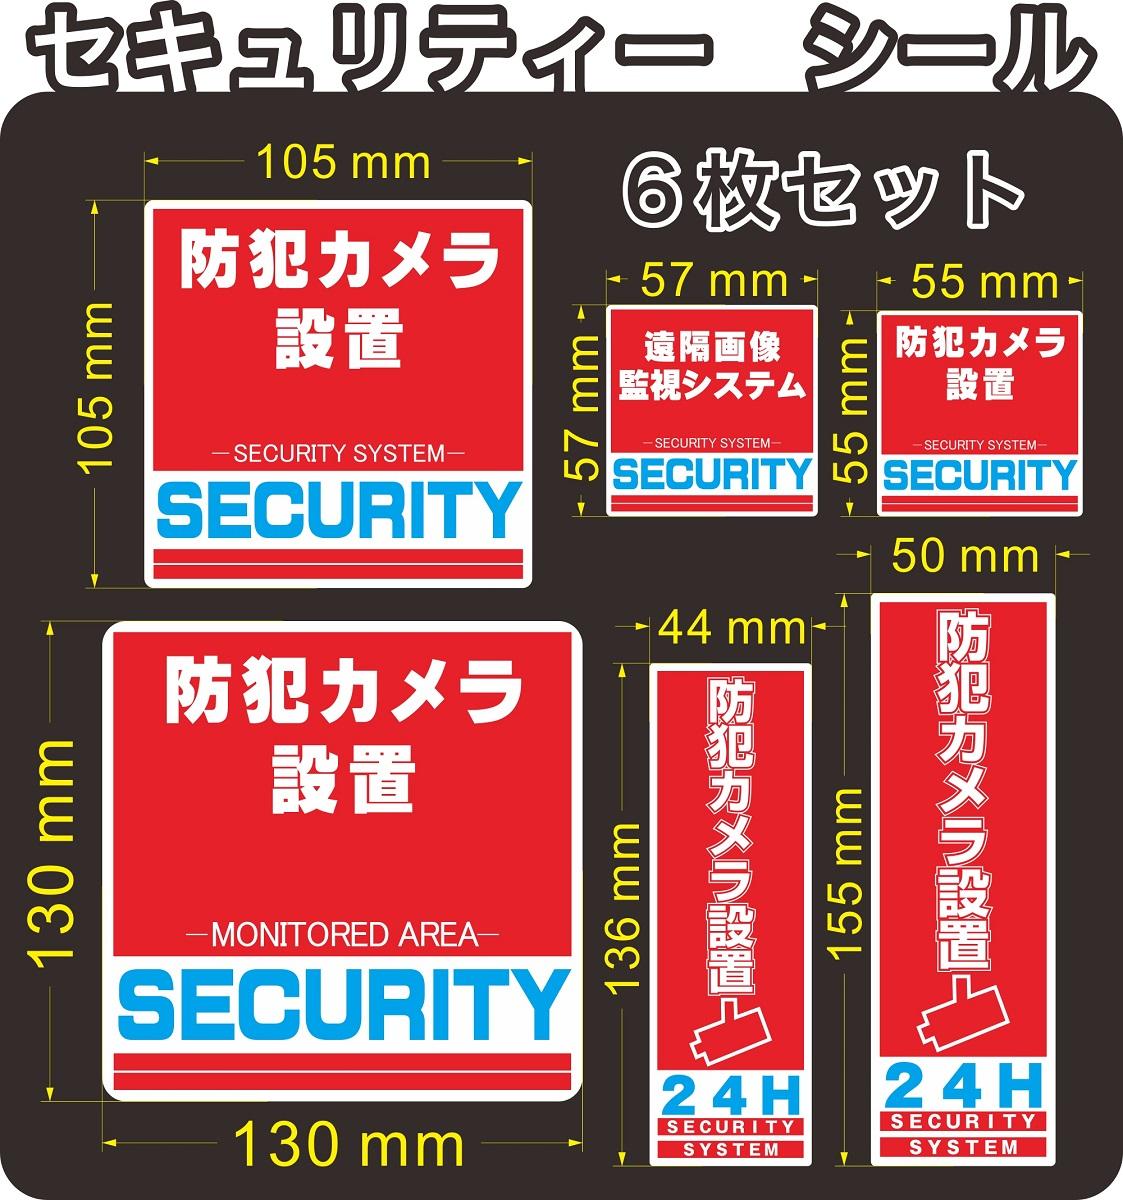 セキュリティー 防犯 カメラ security ステッカー(シール) 6枚セット 屋外使用可能 当社製作 日本製